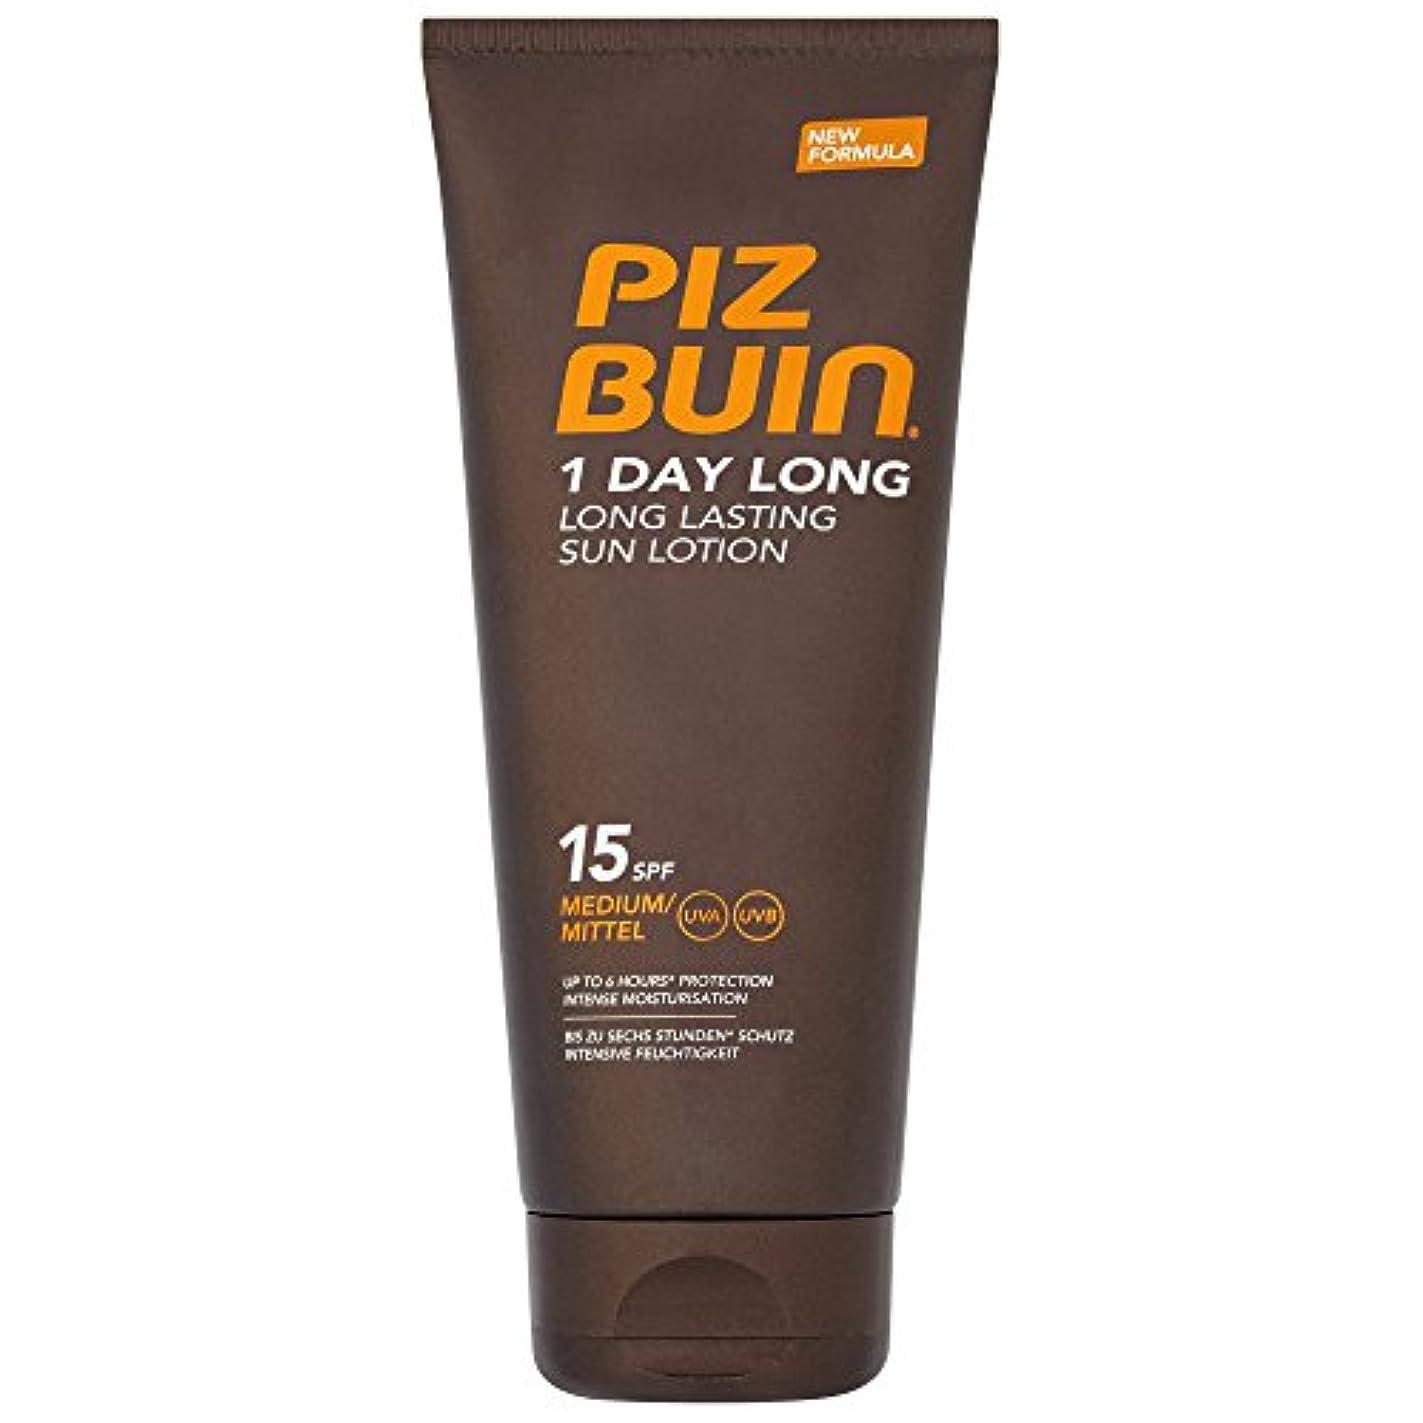 ヤング蓋矩形ピッツブーインの1日長い15の日焼けローション200 x4 - Piz Buin 1 Day Long SPF15 Sun Lotion 200ml (Pack of 4) [並行輸入品]